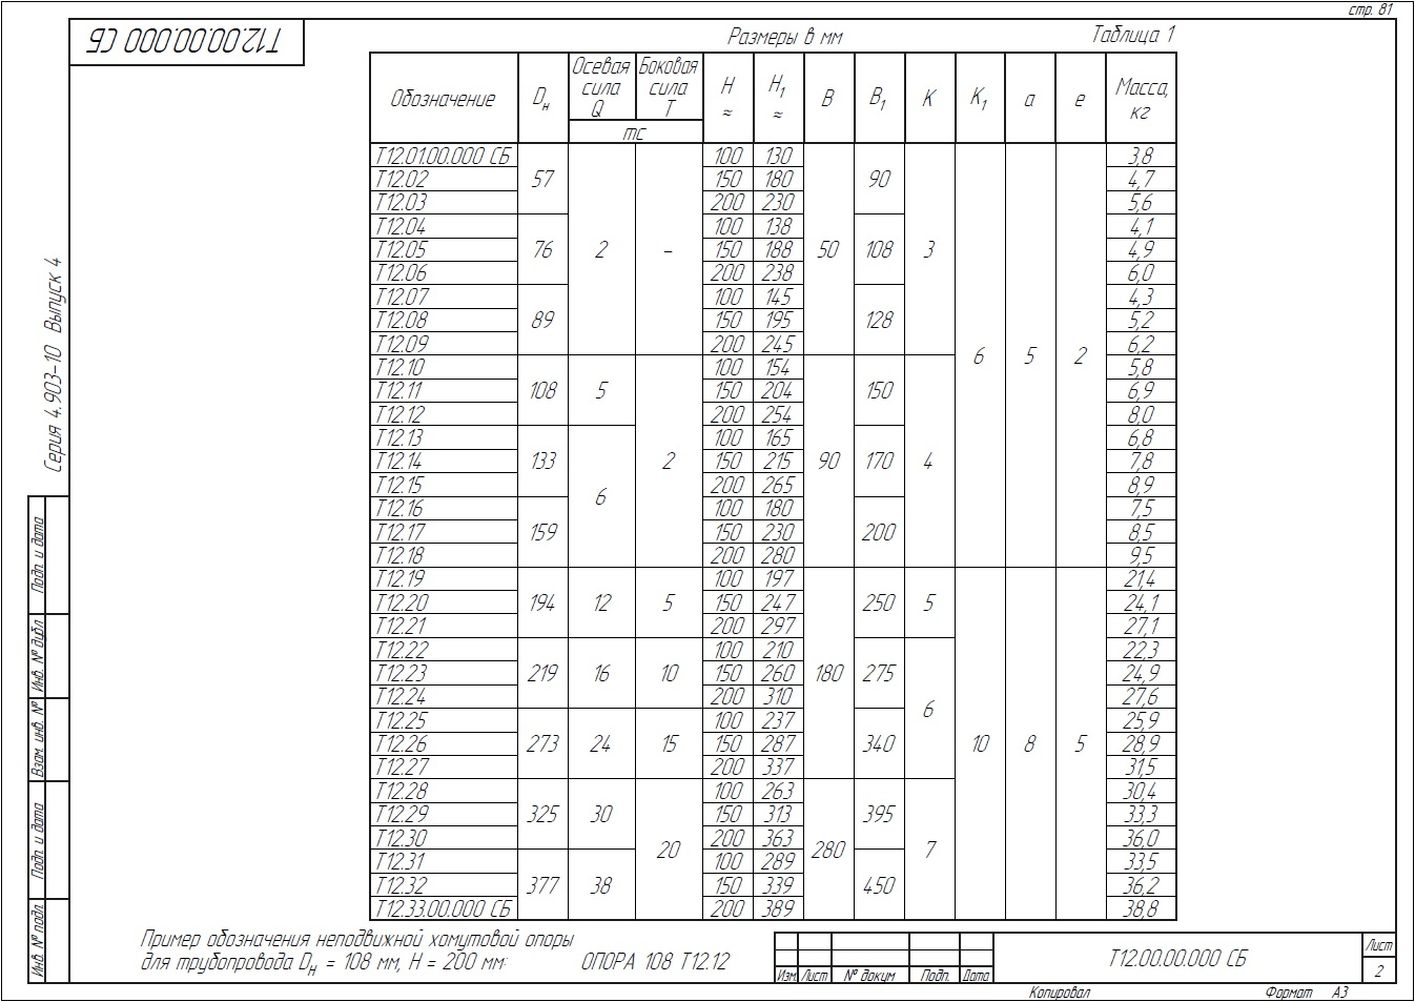 Опора неподвижная хомутовая Т12 серия 4.903-10 вып.4 стр.2